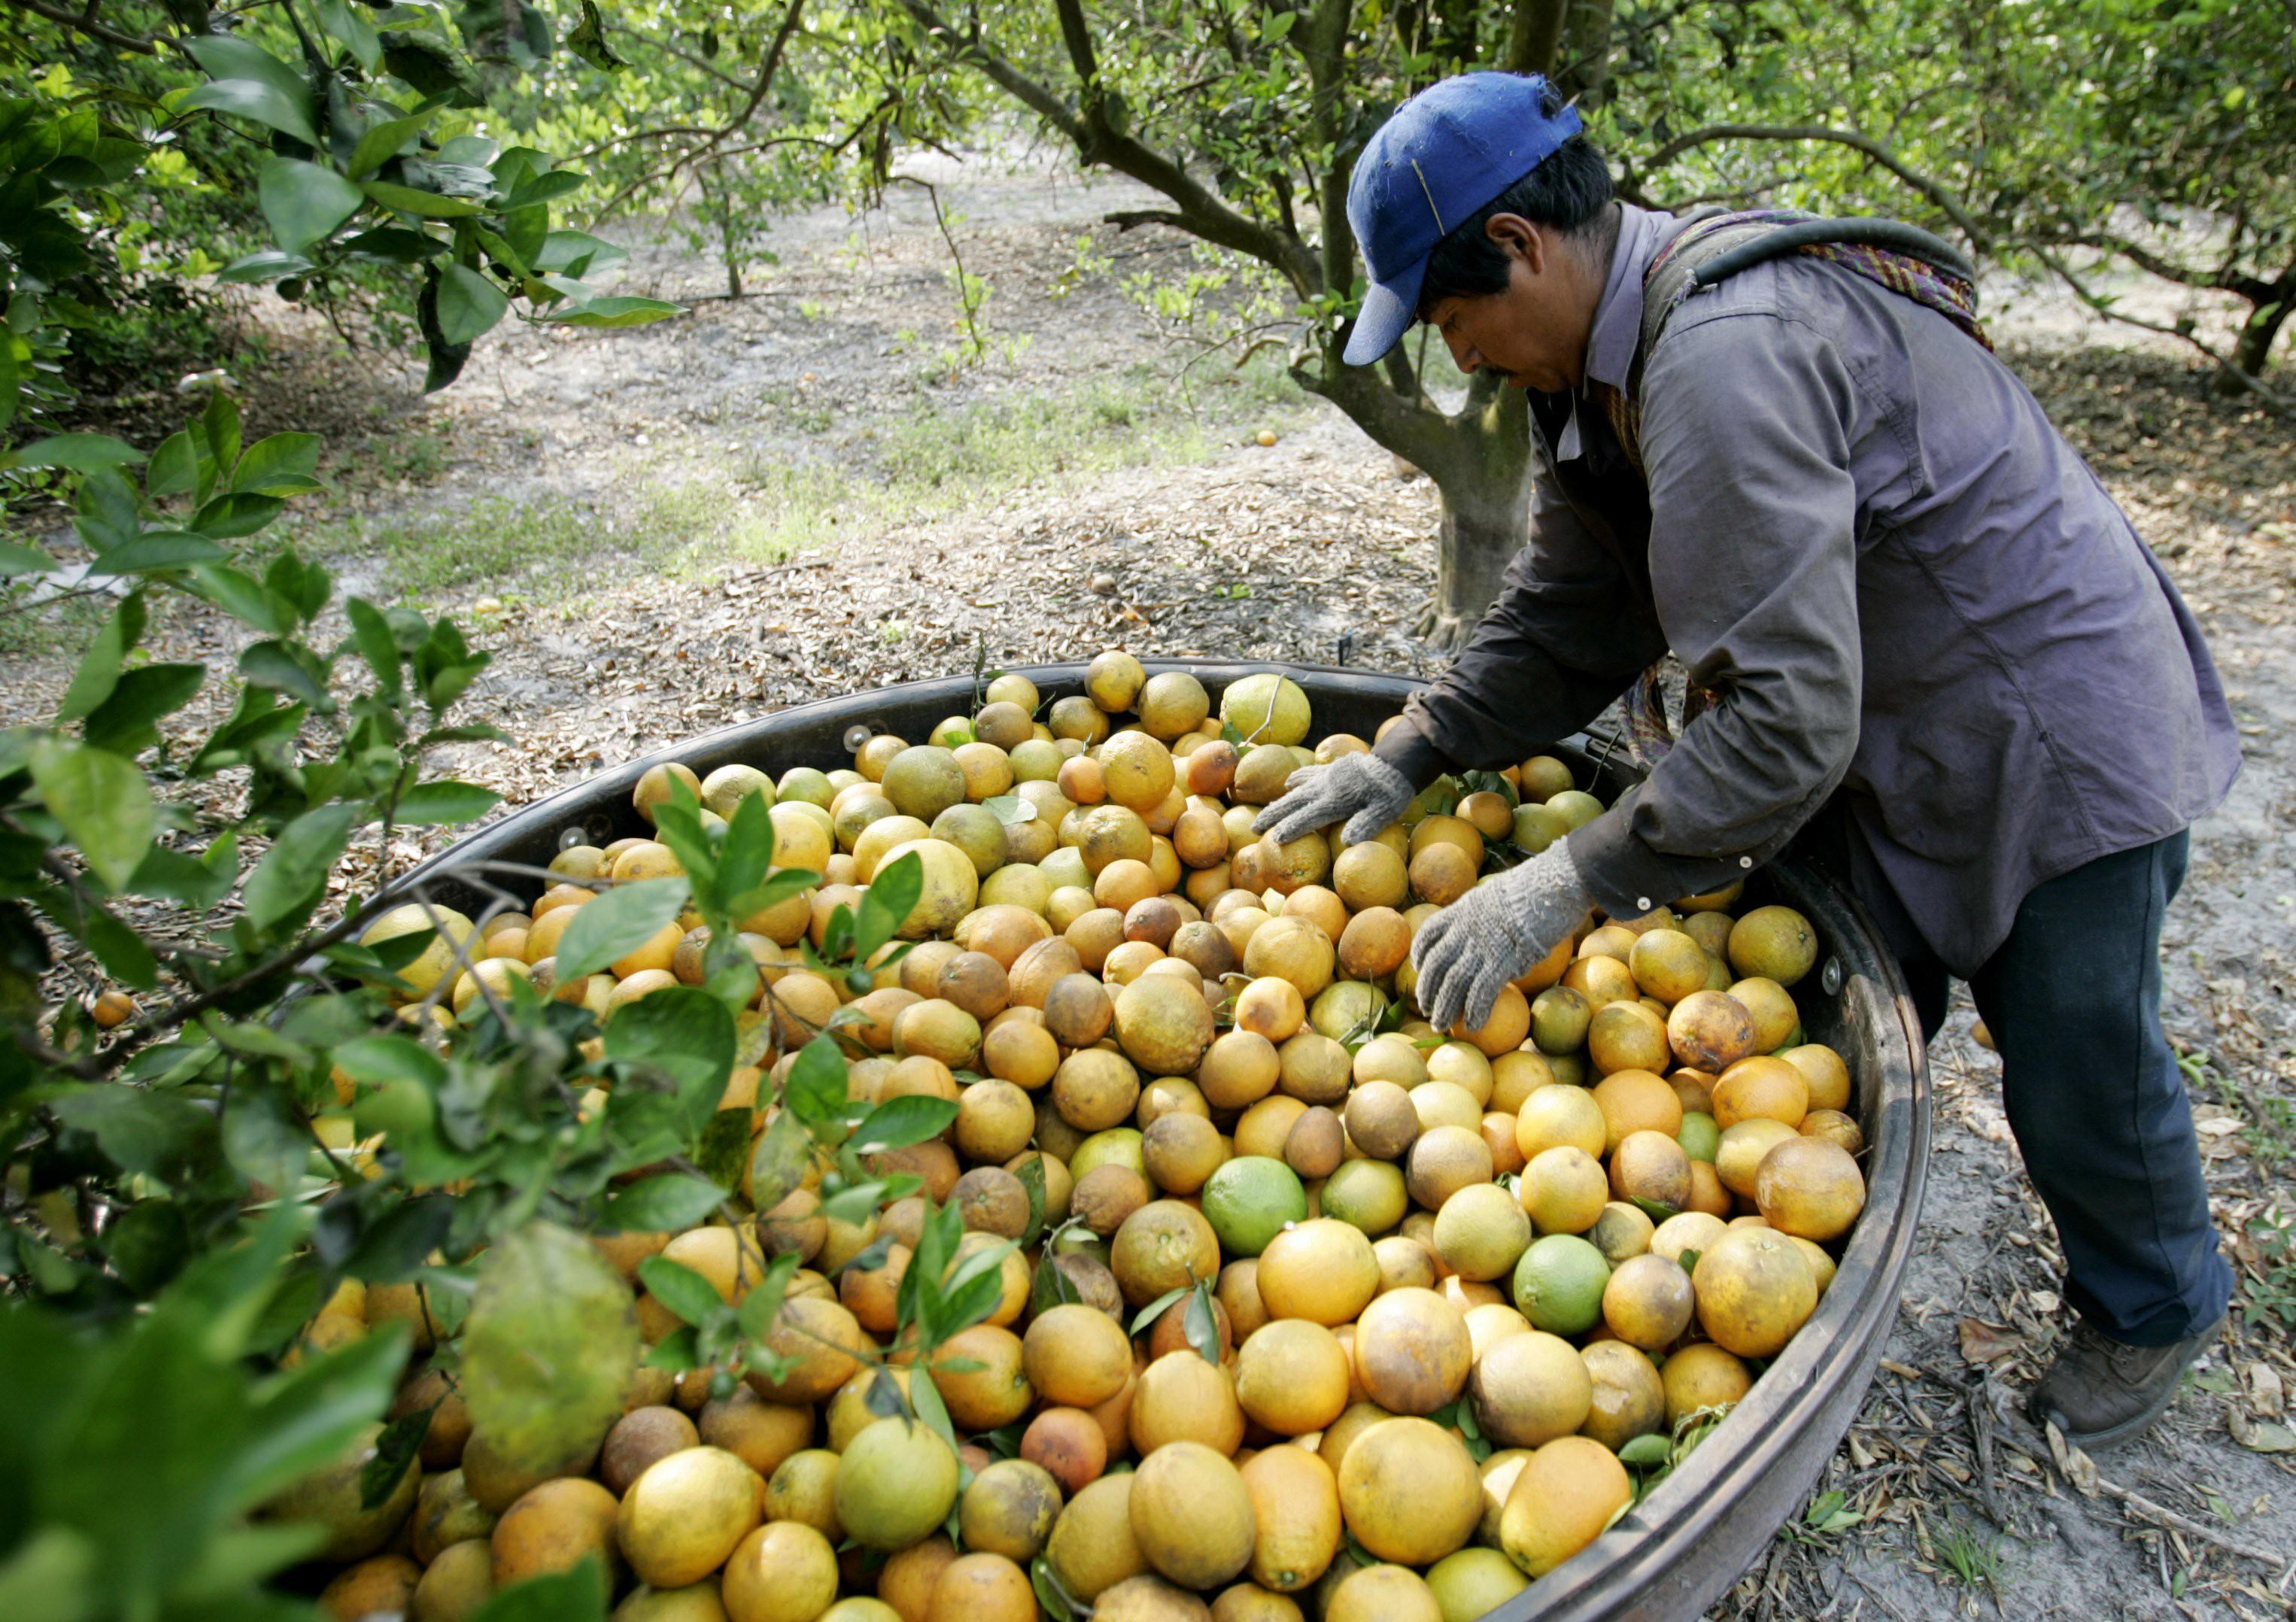 Citrus farm in Florida